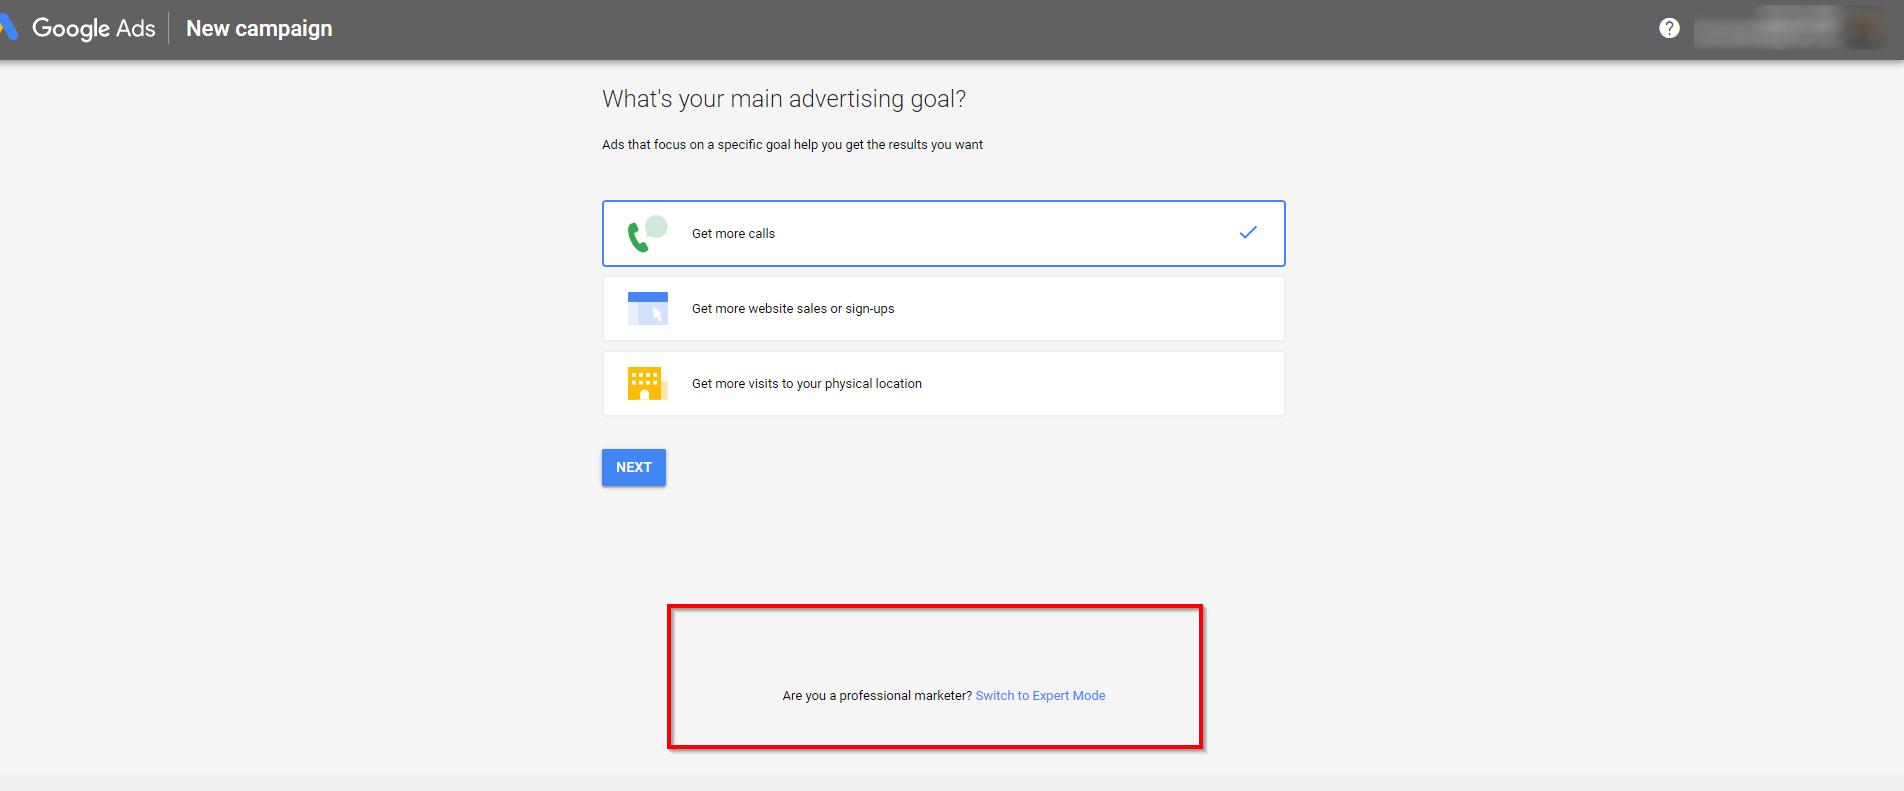 מטרת הפרסום בקמפיין גוגל